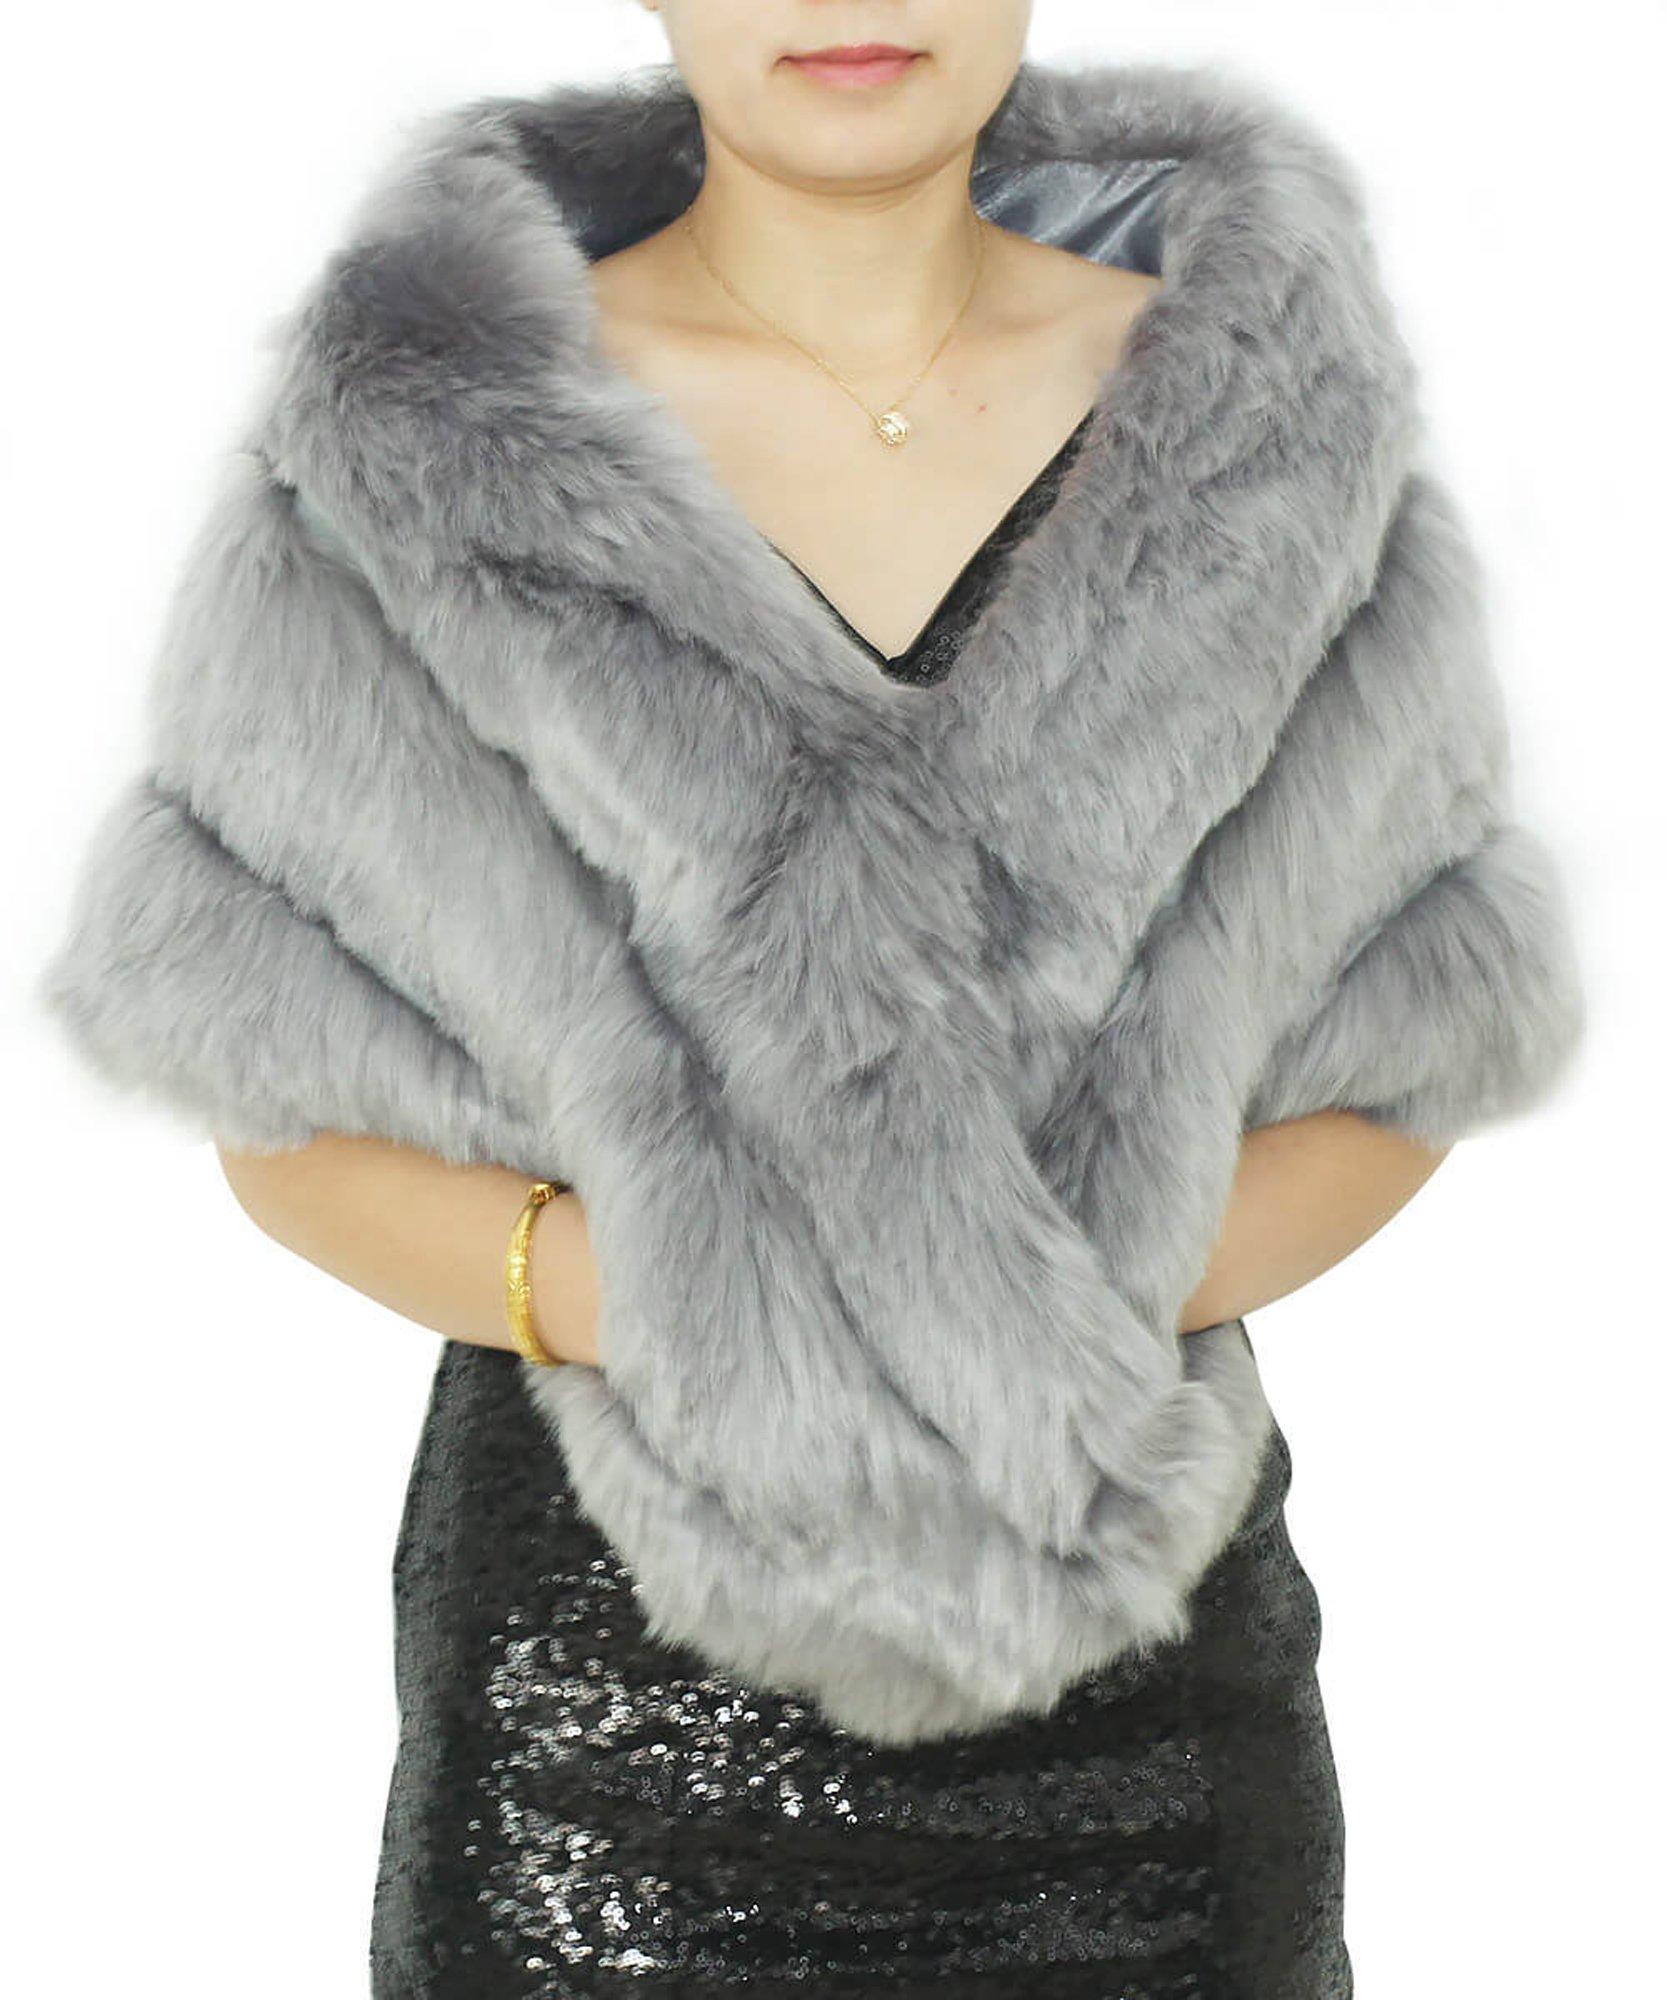 Dressblee Faux Fur Wrap Shawl Shrug Bolero Cape With side pockets, Bridal Faux Fur Jacket coat shawls -grey